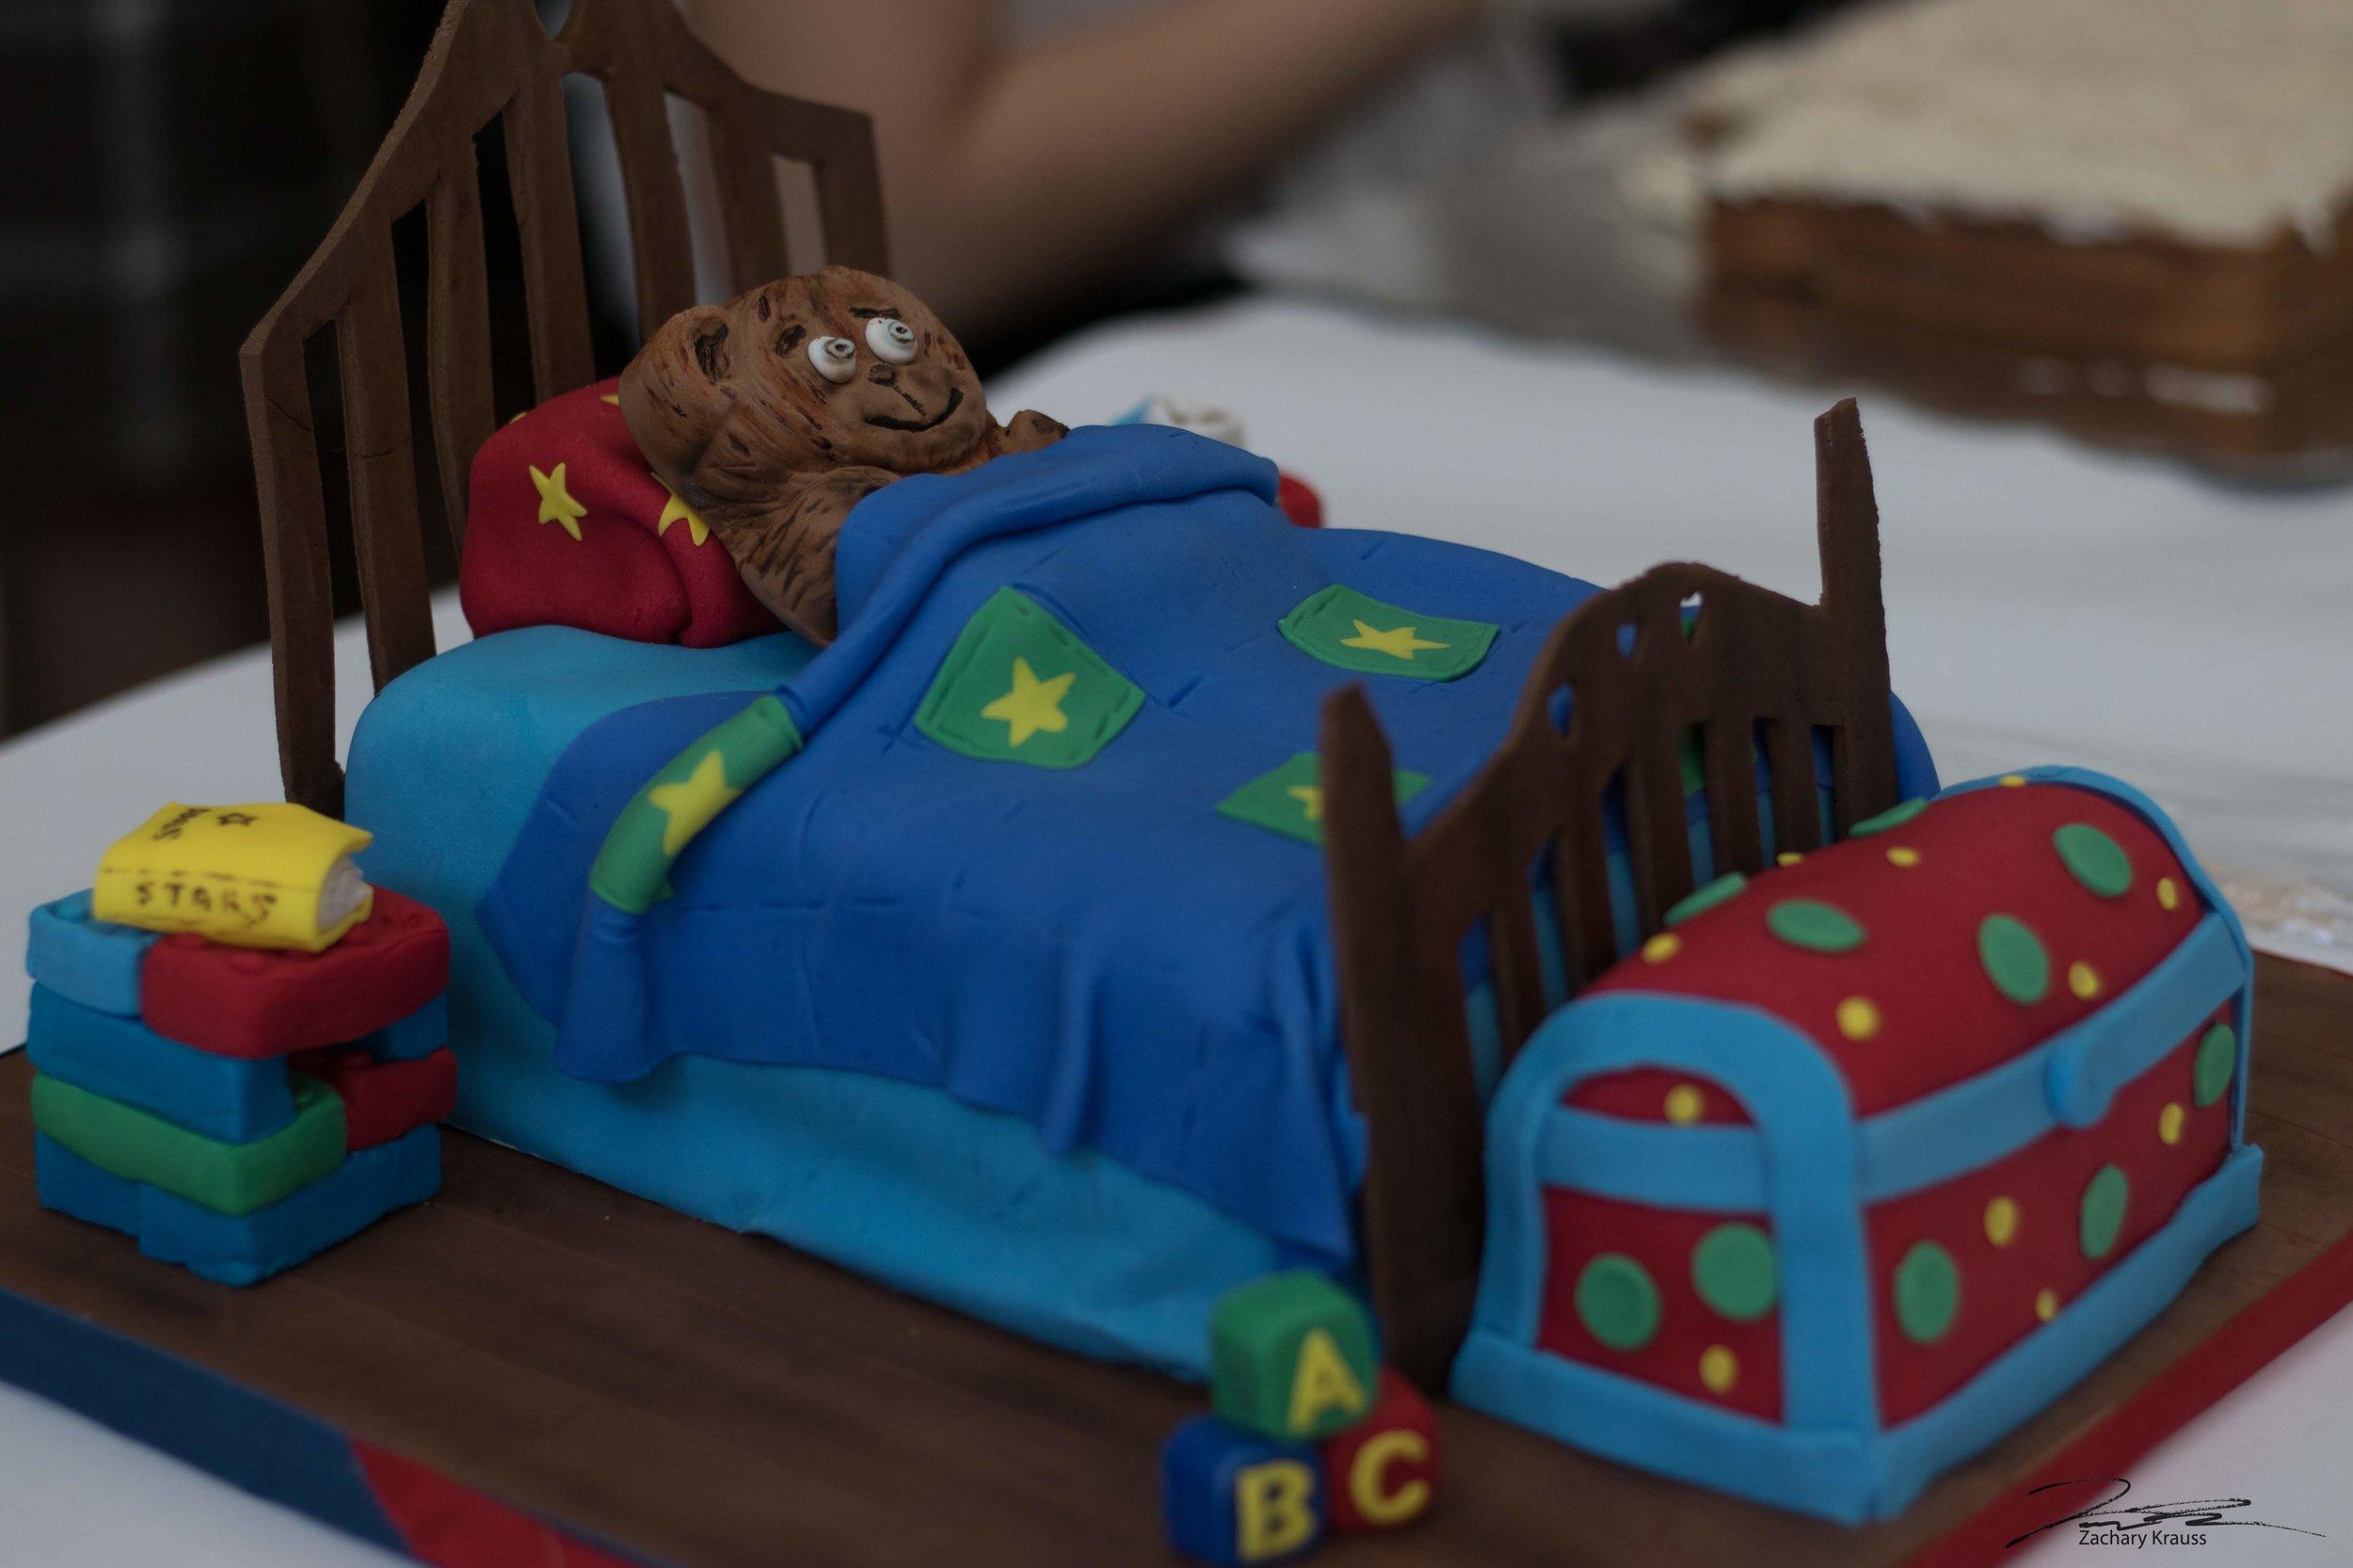 cake4kids-55.jpg